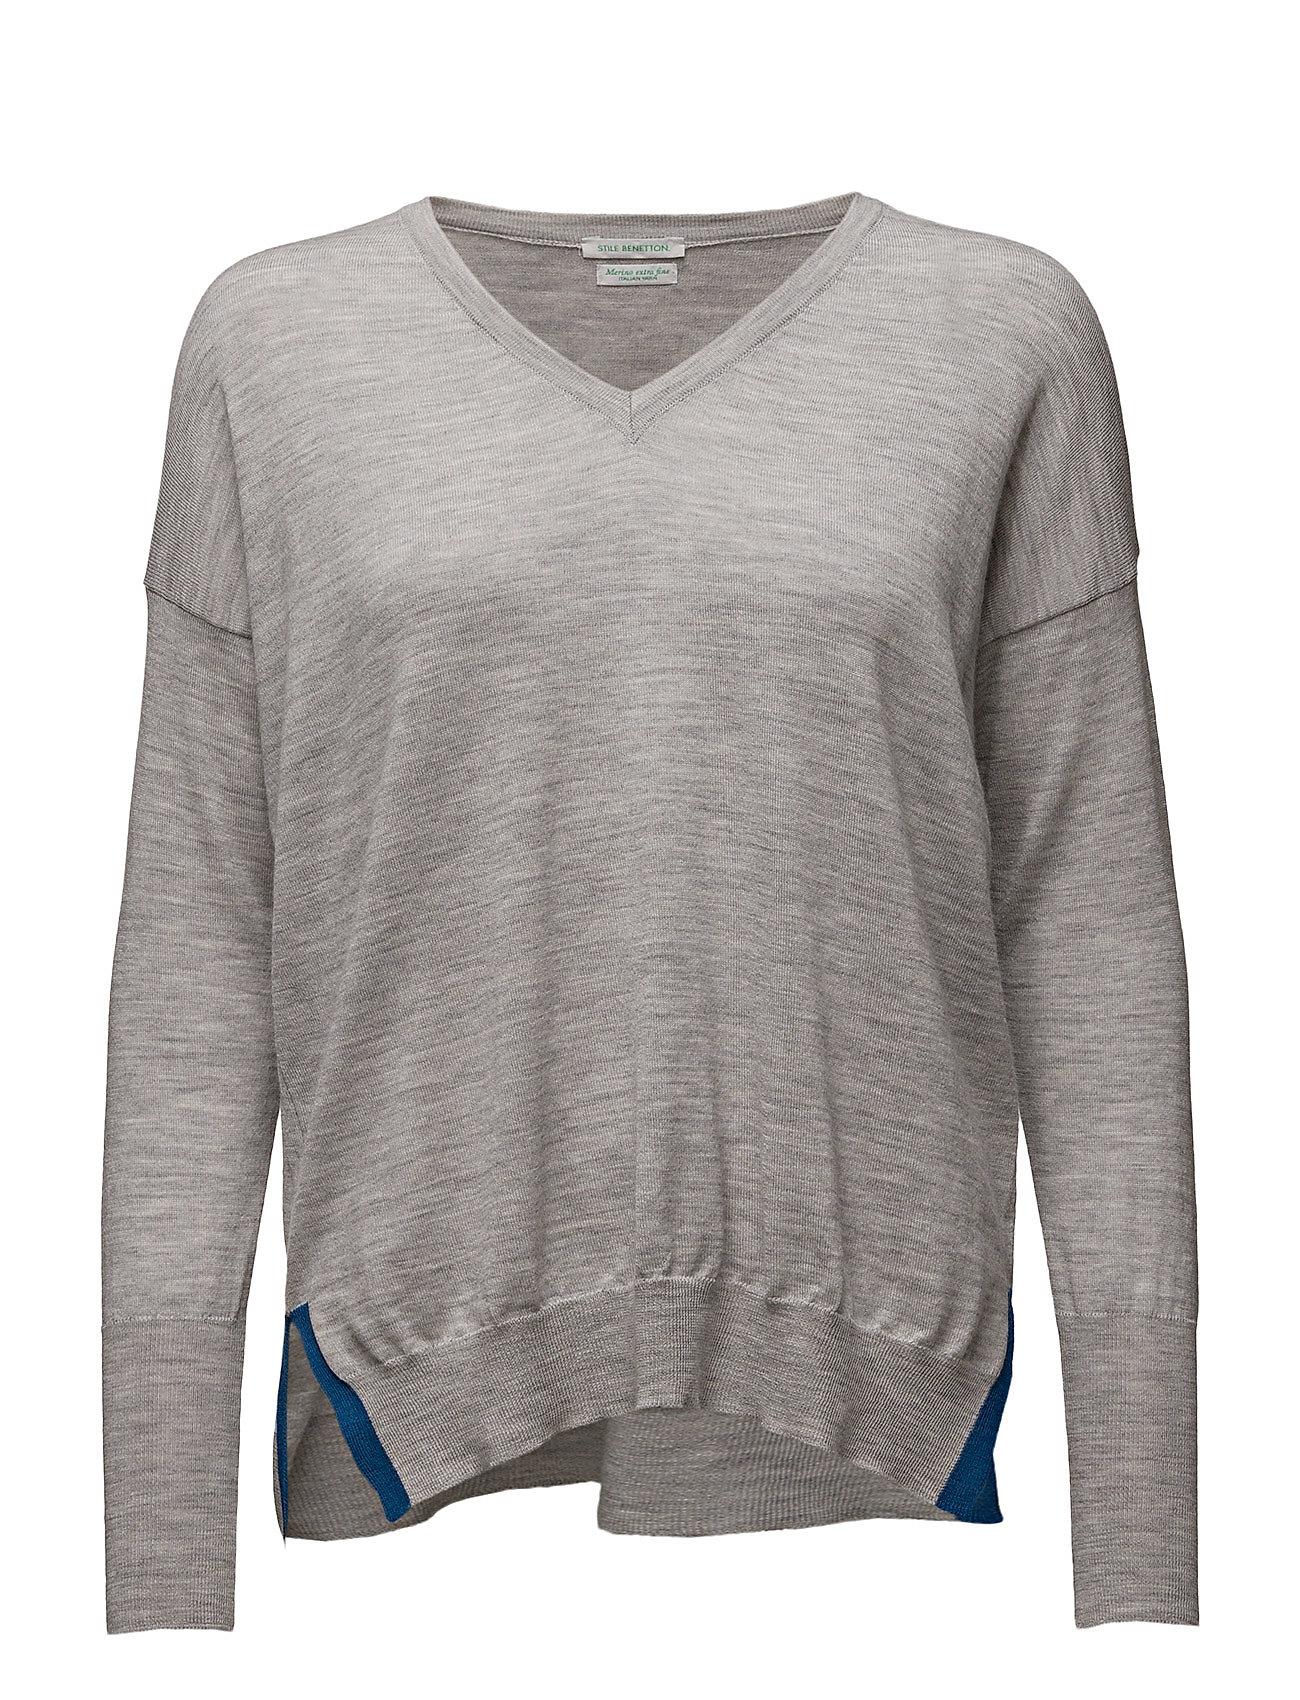 V Neck Sweater L/S United Colors of Benetton Sweatshirts til Damer i